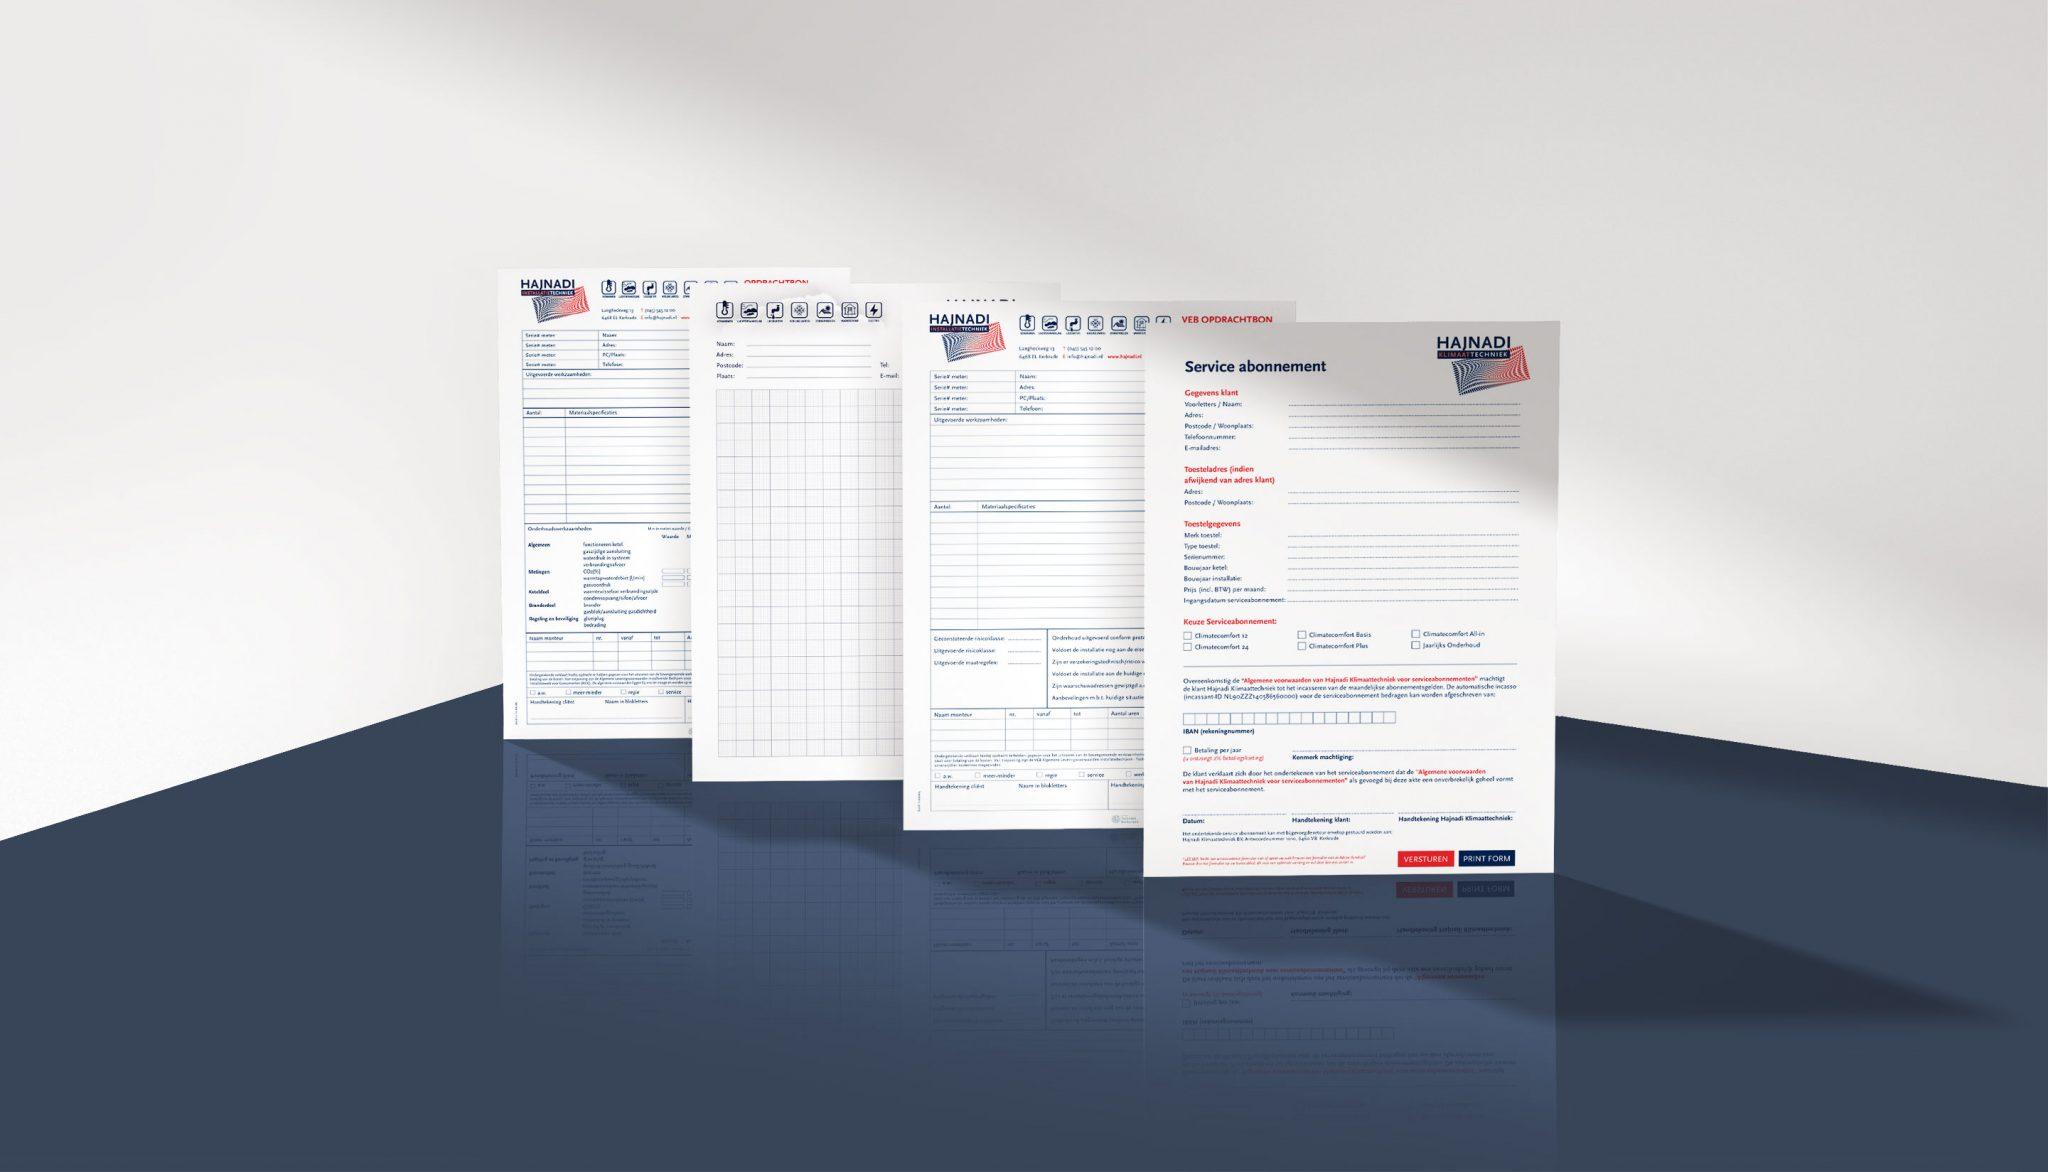 hajnadi installatietechniek formulieren vormgeving drukwerk